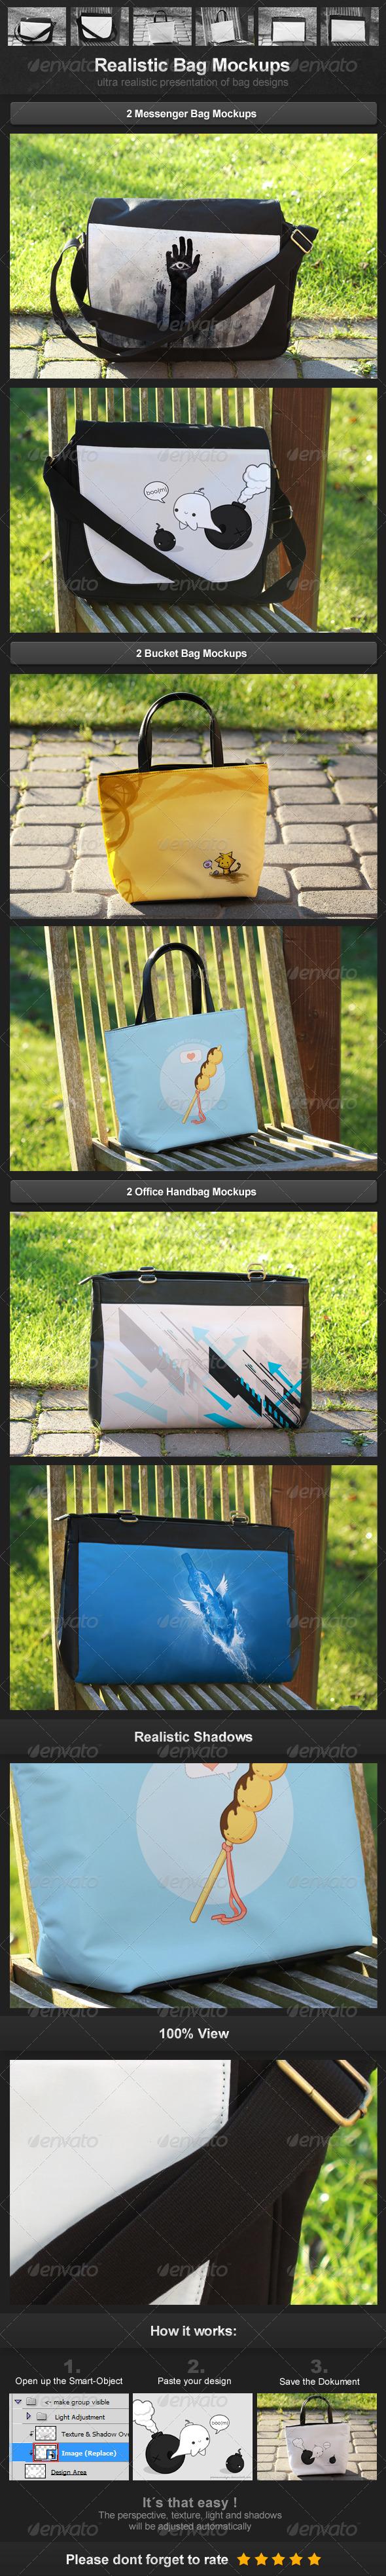 GraphicRiver Realistic Bag Mockups 3707078